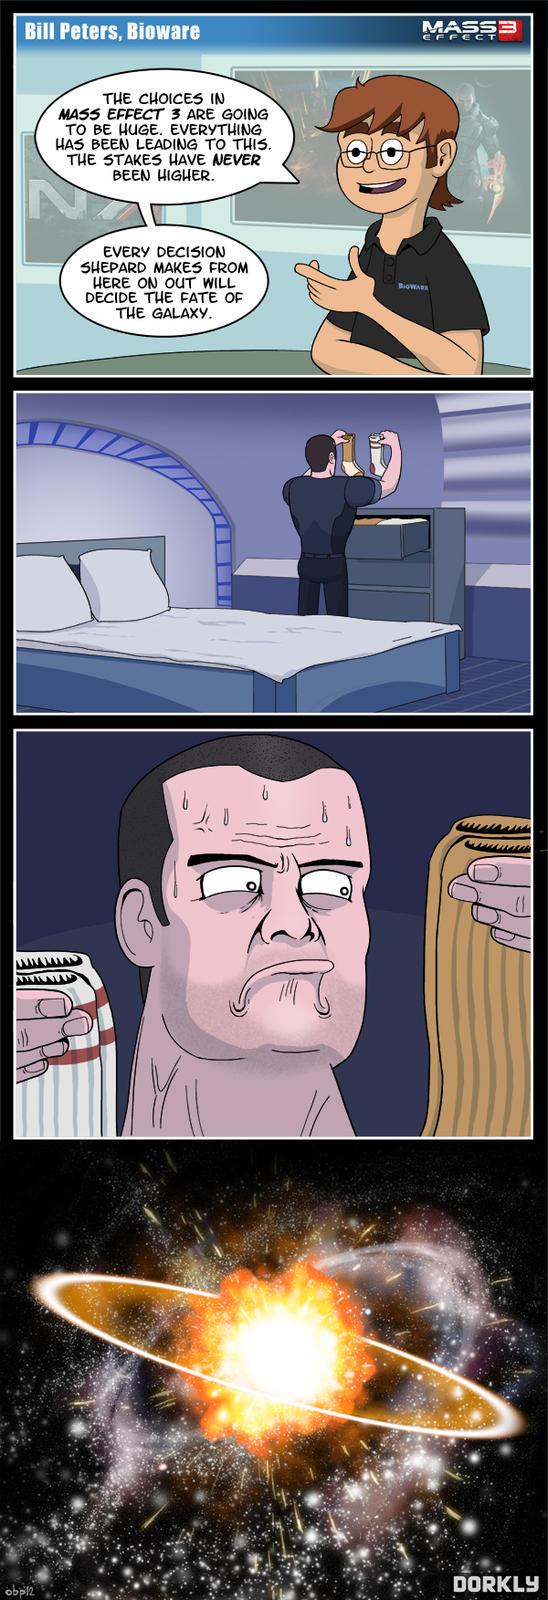 Shepard and socks of fate